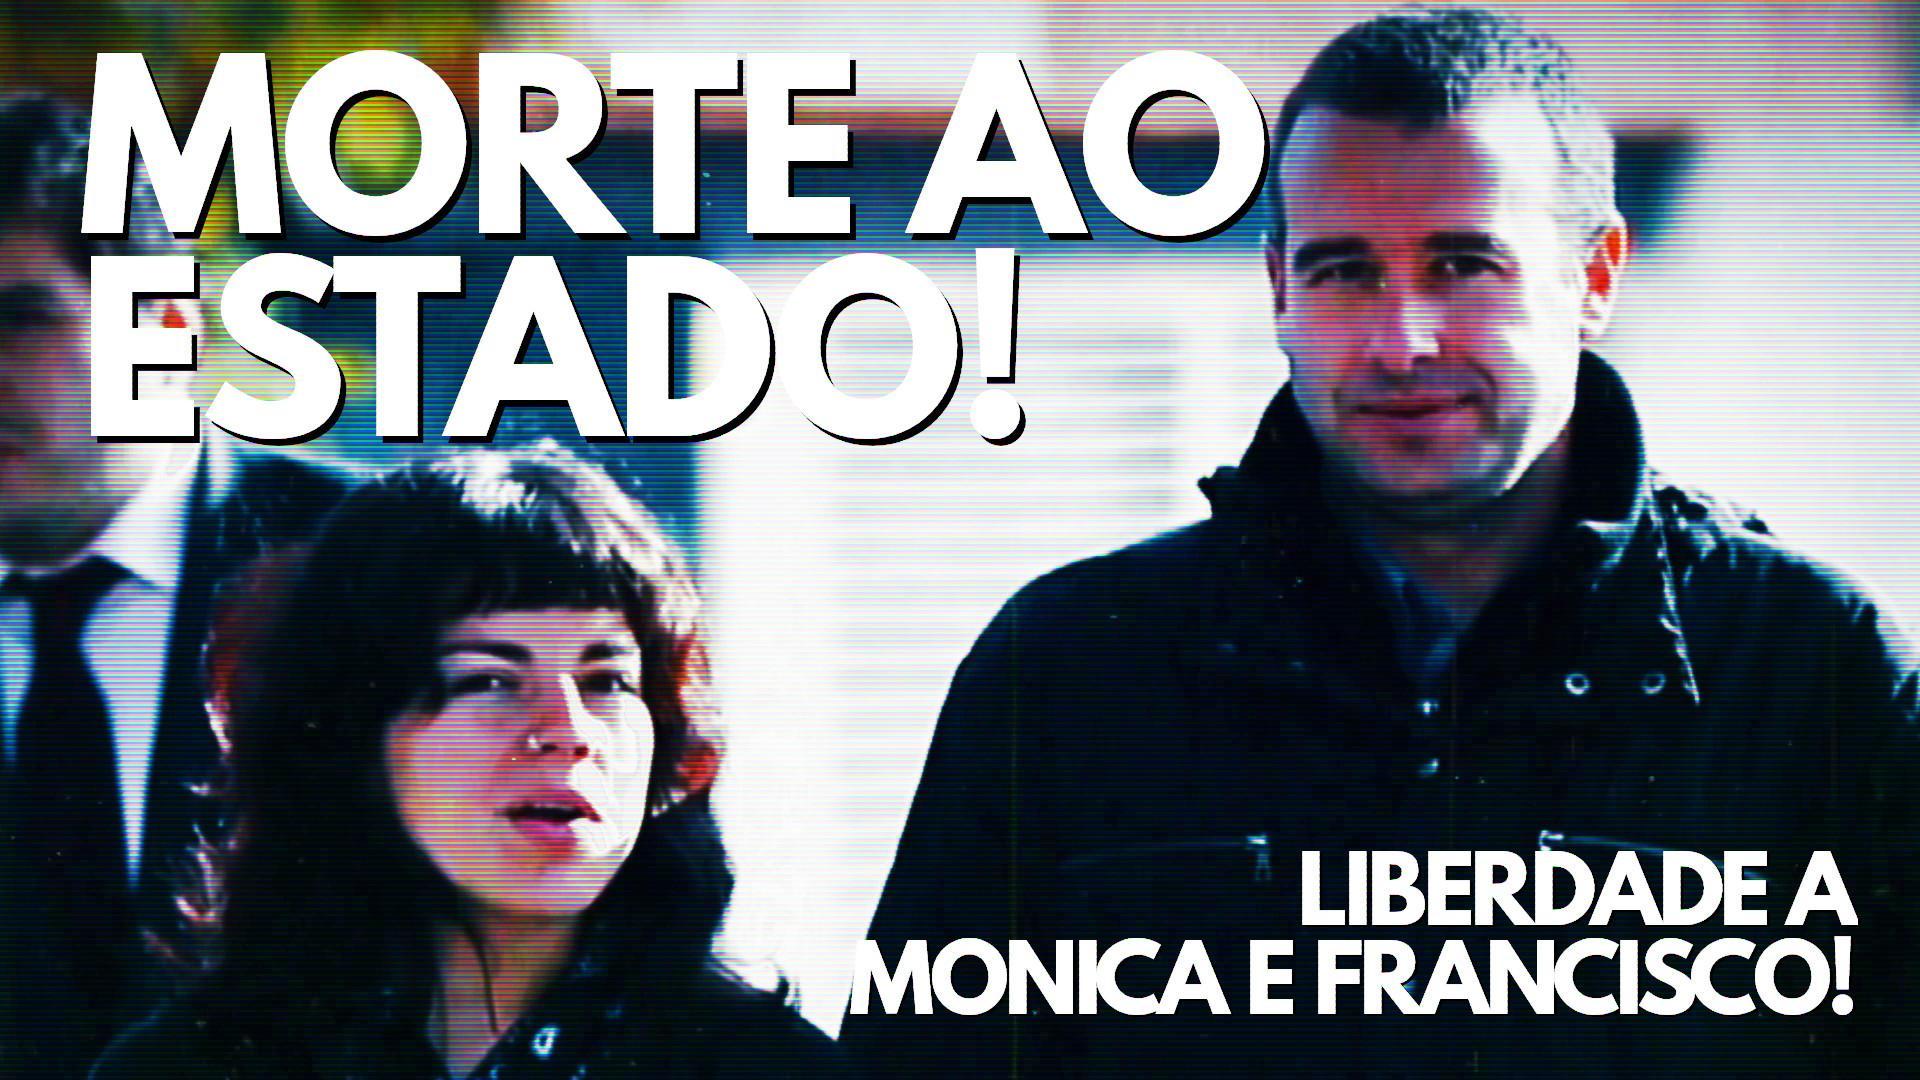 Morte ao Estado! Liberdade a Monica e Francisco!